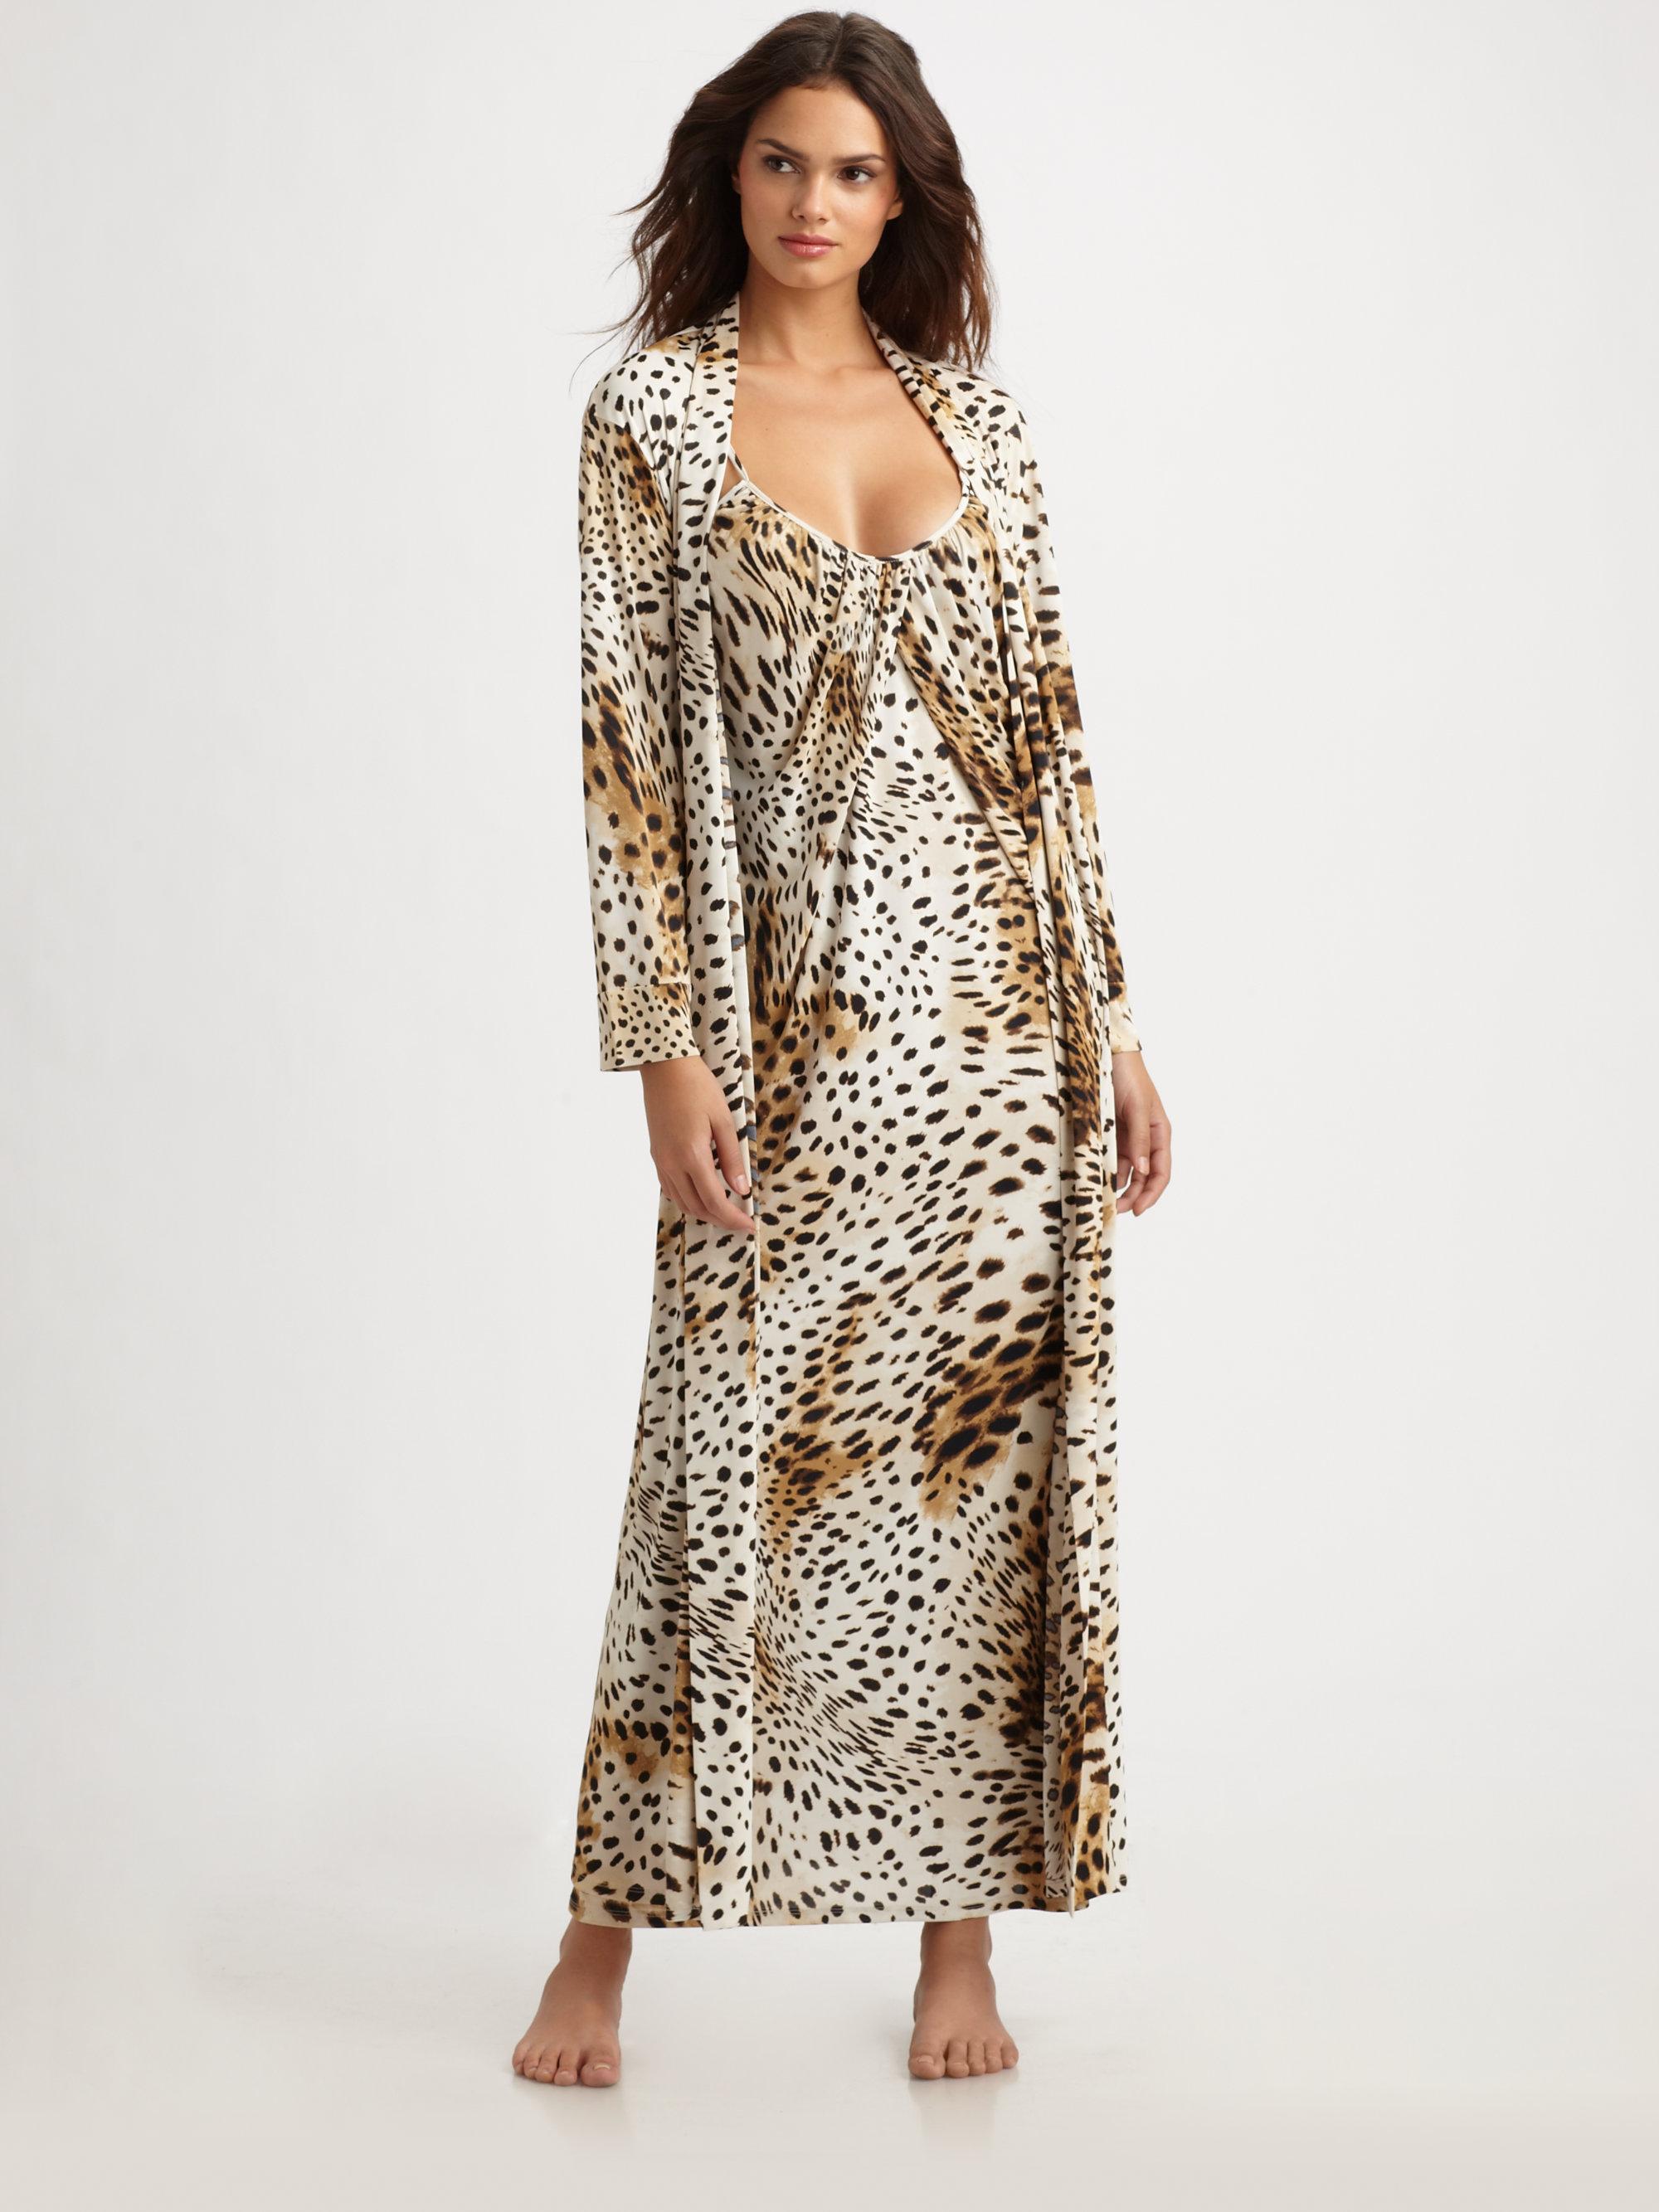 Lyst - Natori Gabon Leopard-print Jersey Robe f6b5b9268